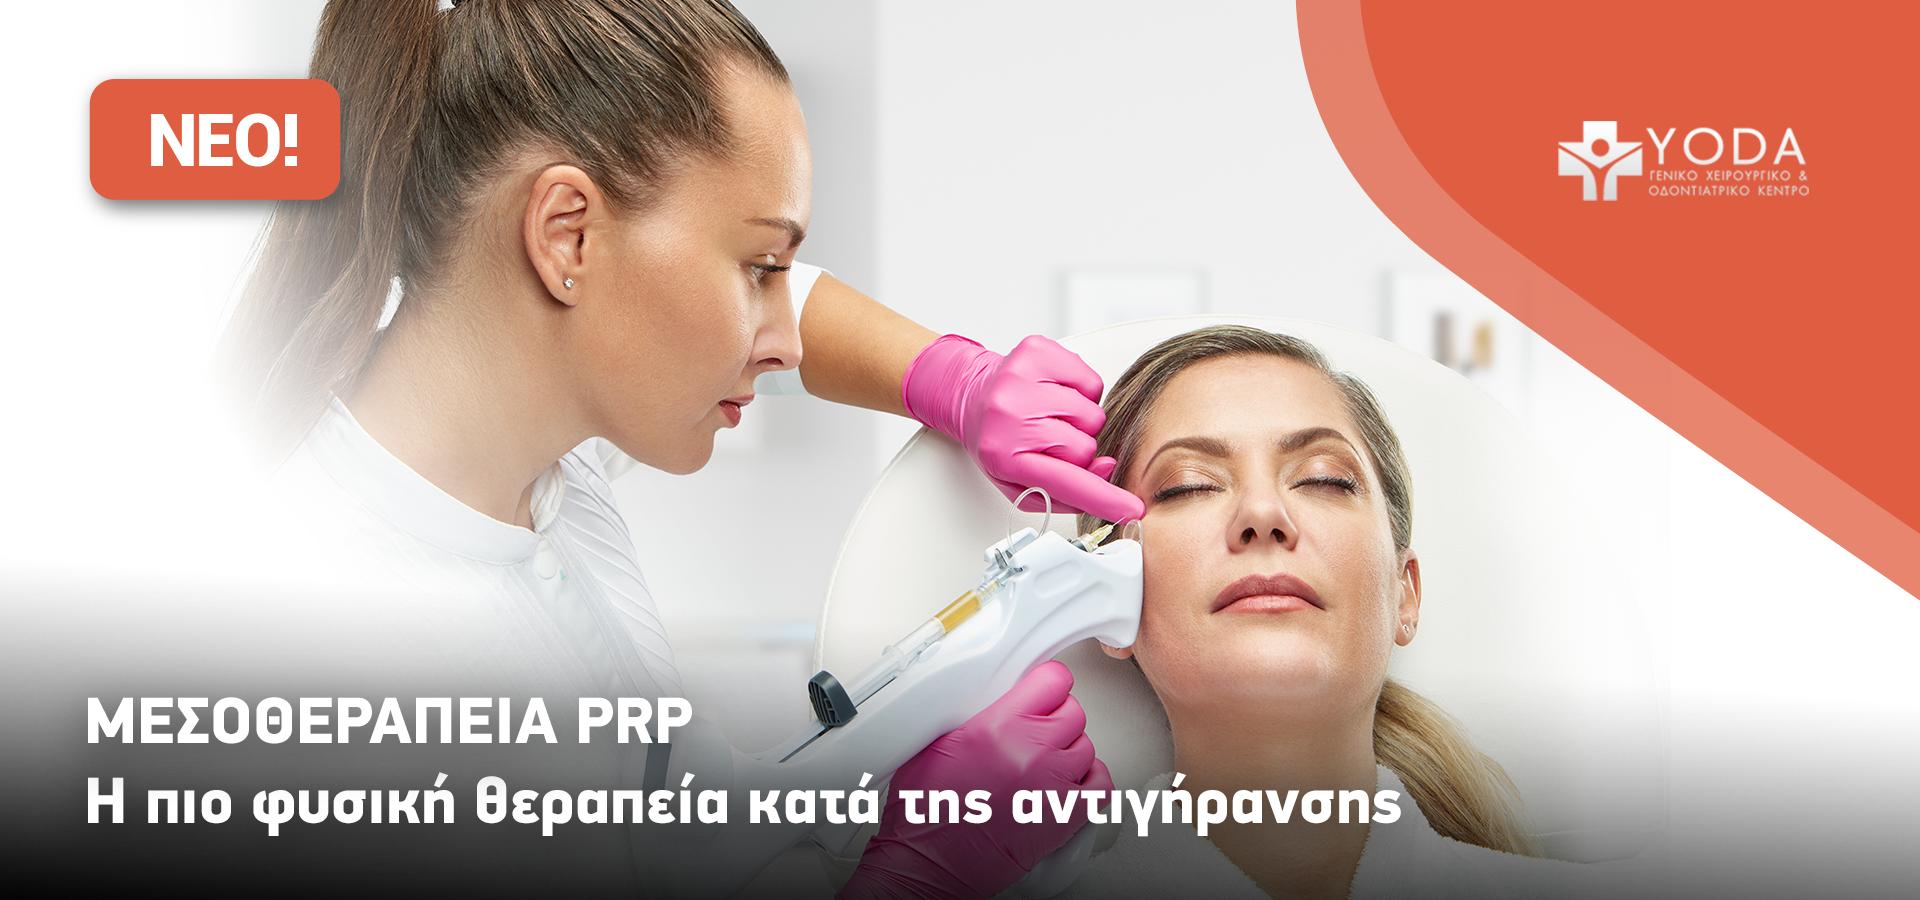 Μεσοθεραπεία PRP -εξέταση γιατρός Πειραιάς YODA νοσηλία χειρουργείο